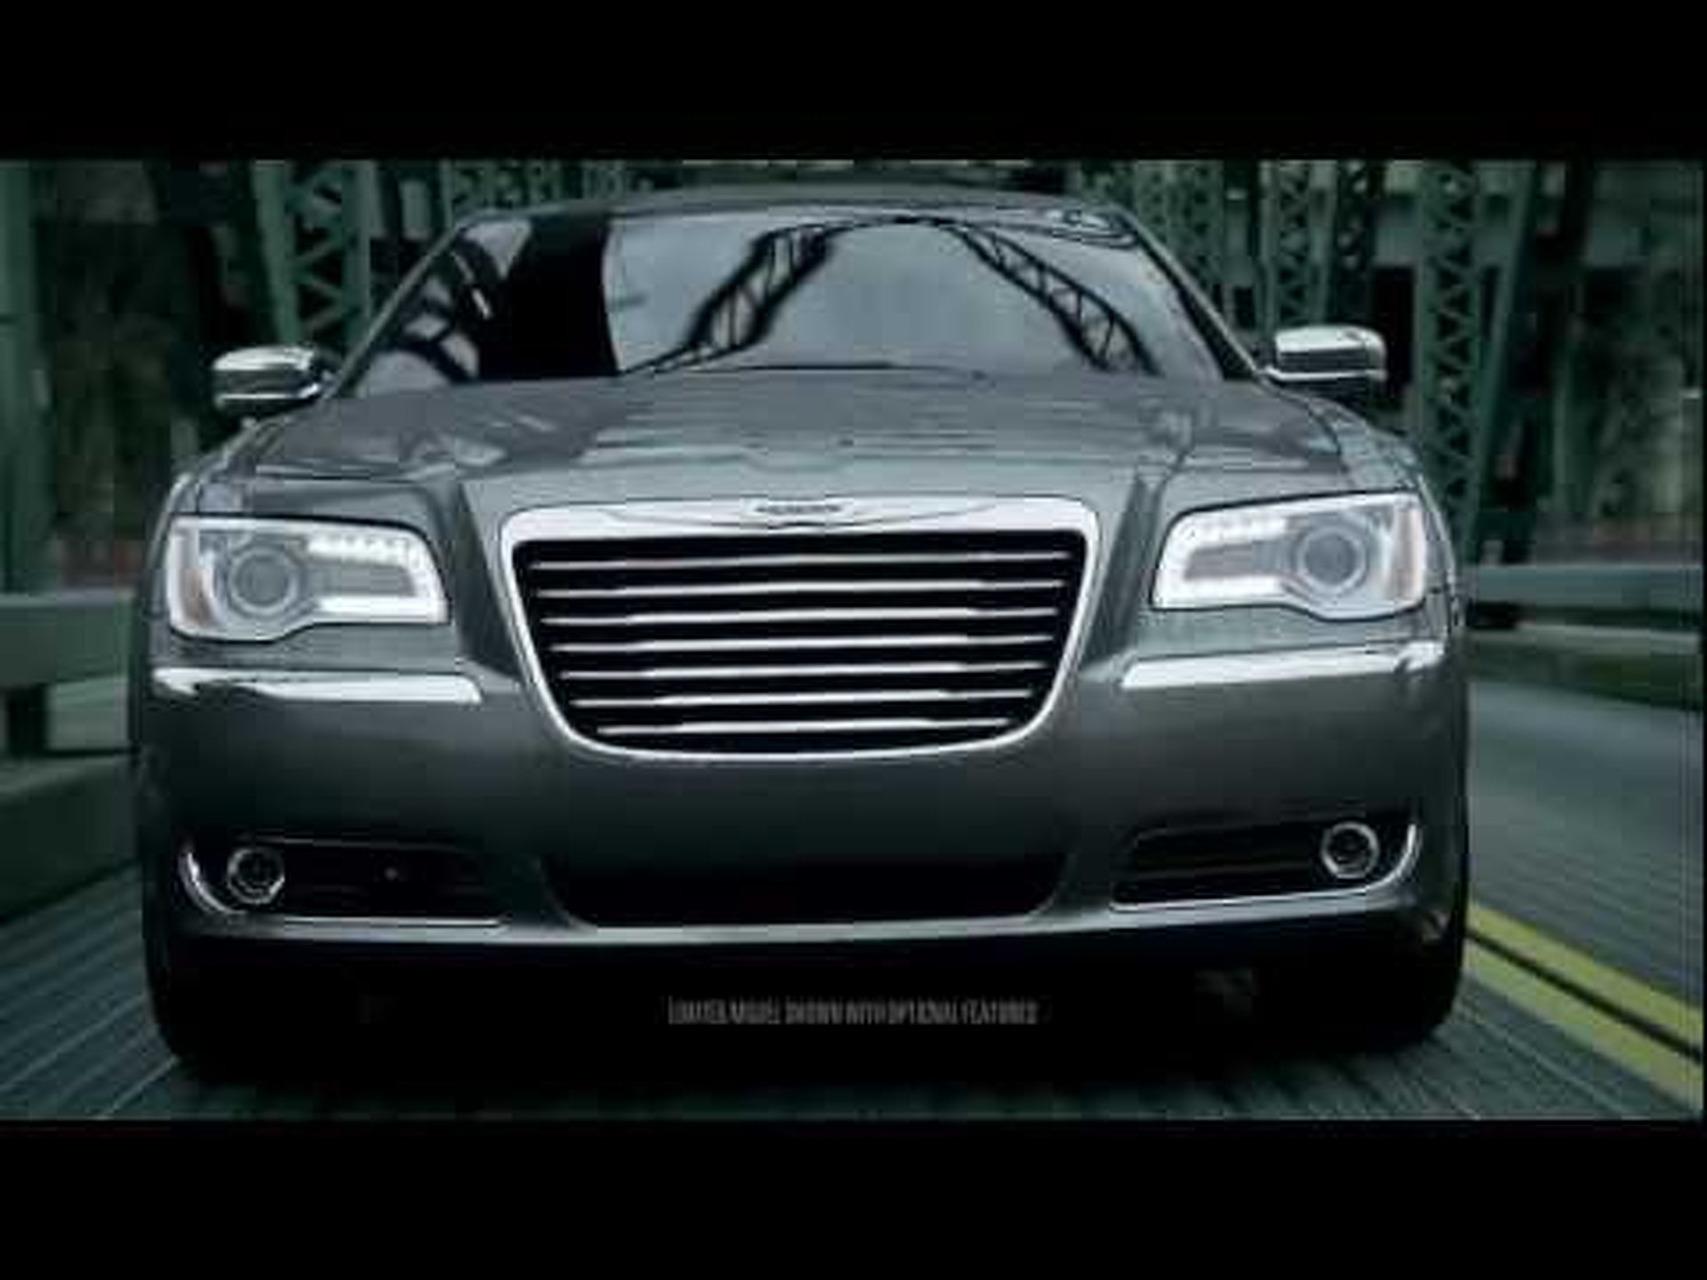 Chrysler 300 Commercial